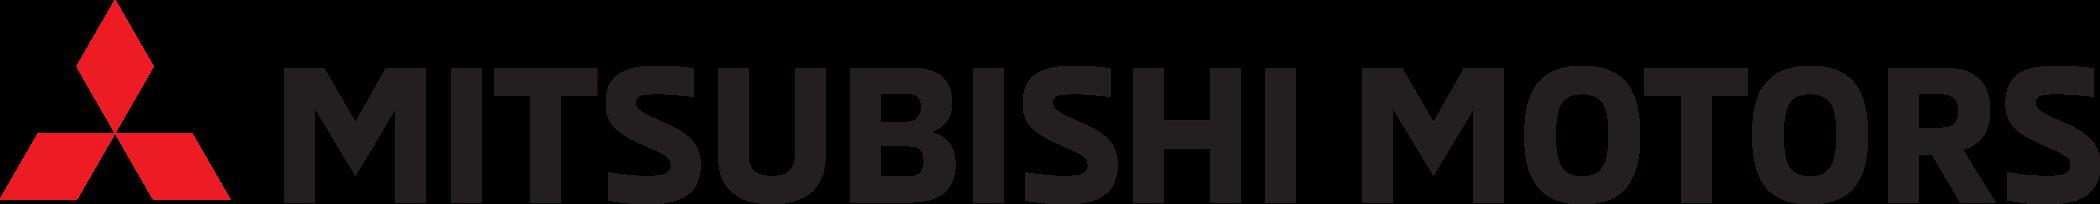 mitsubish logo 3 - Mitsubishi Motors Logo